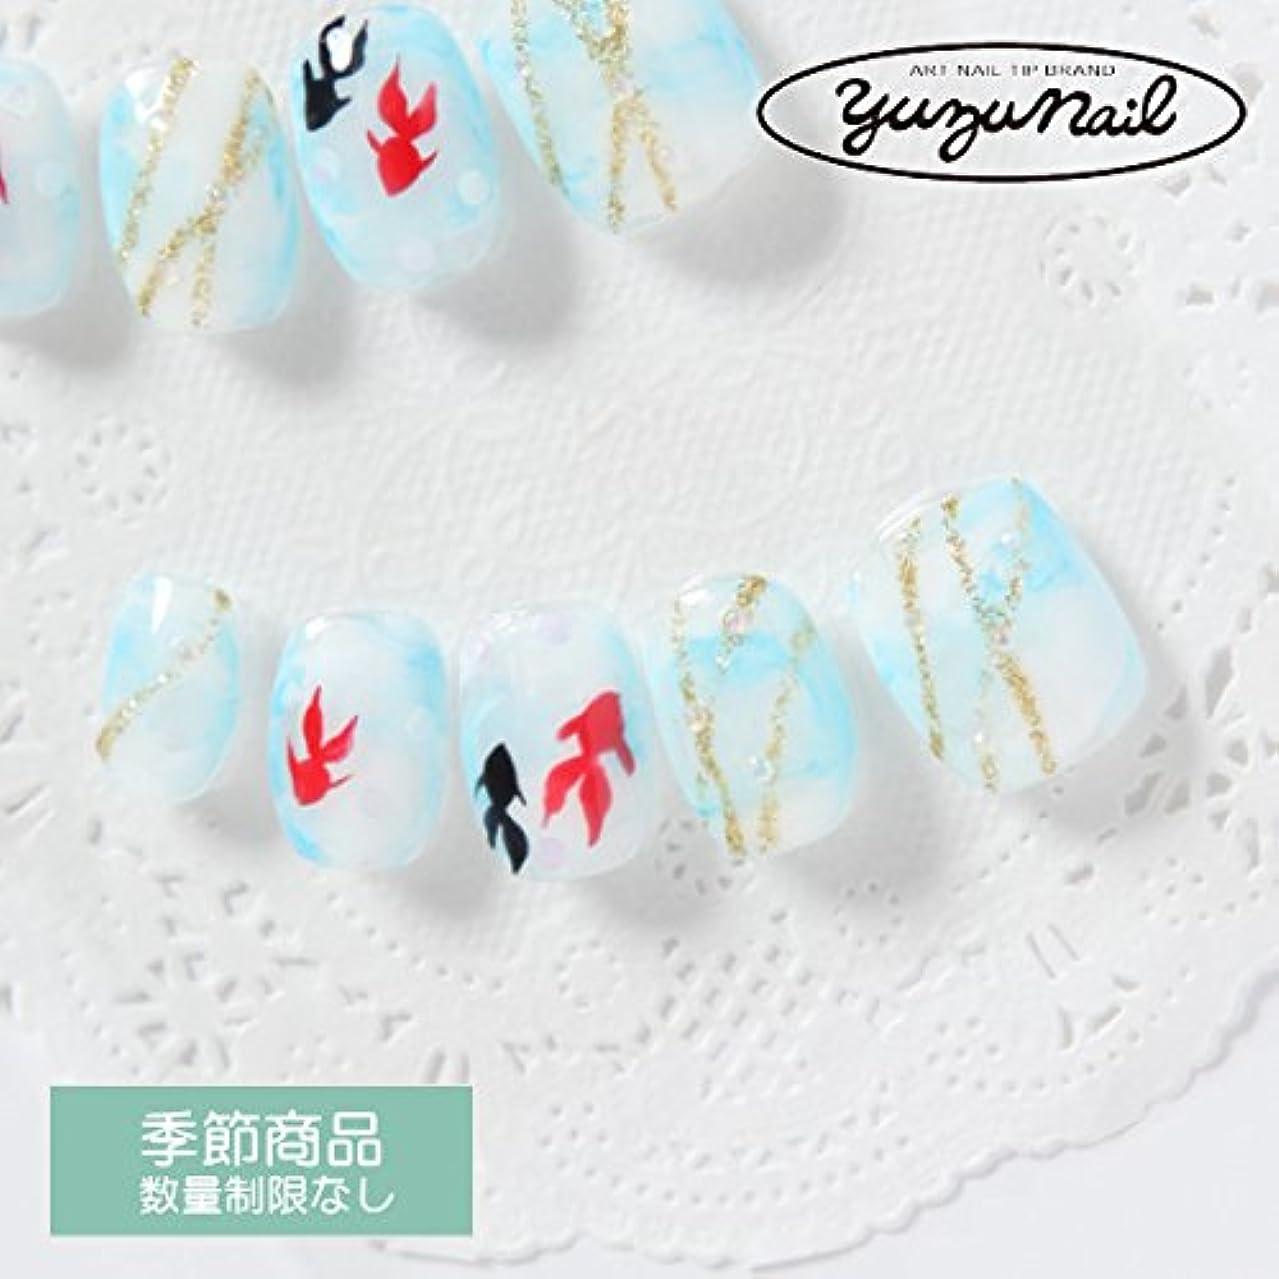 ラップトップ時々時々一回ゆずネイル ネイルチップ 薄ブルー 濃ブルー マーブル 動物 夏 浴衣(B01009-Q-C)